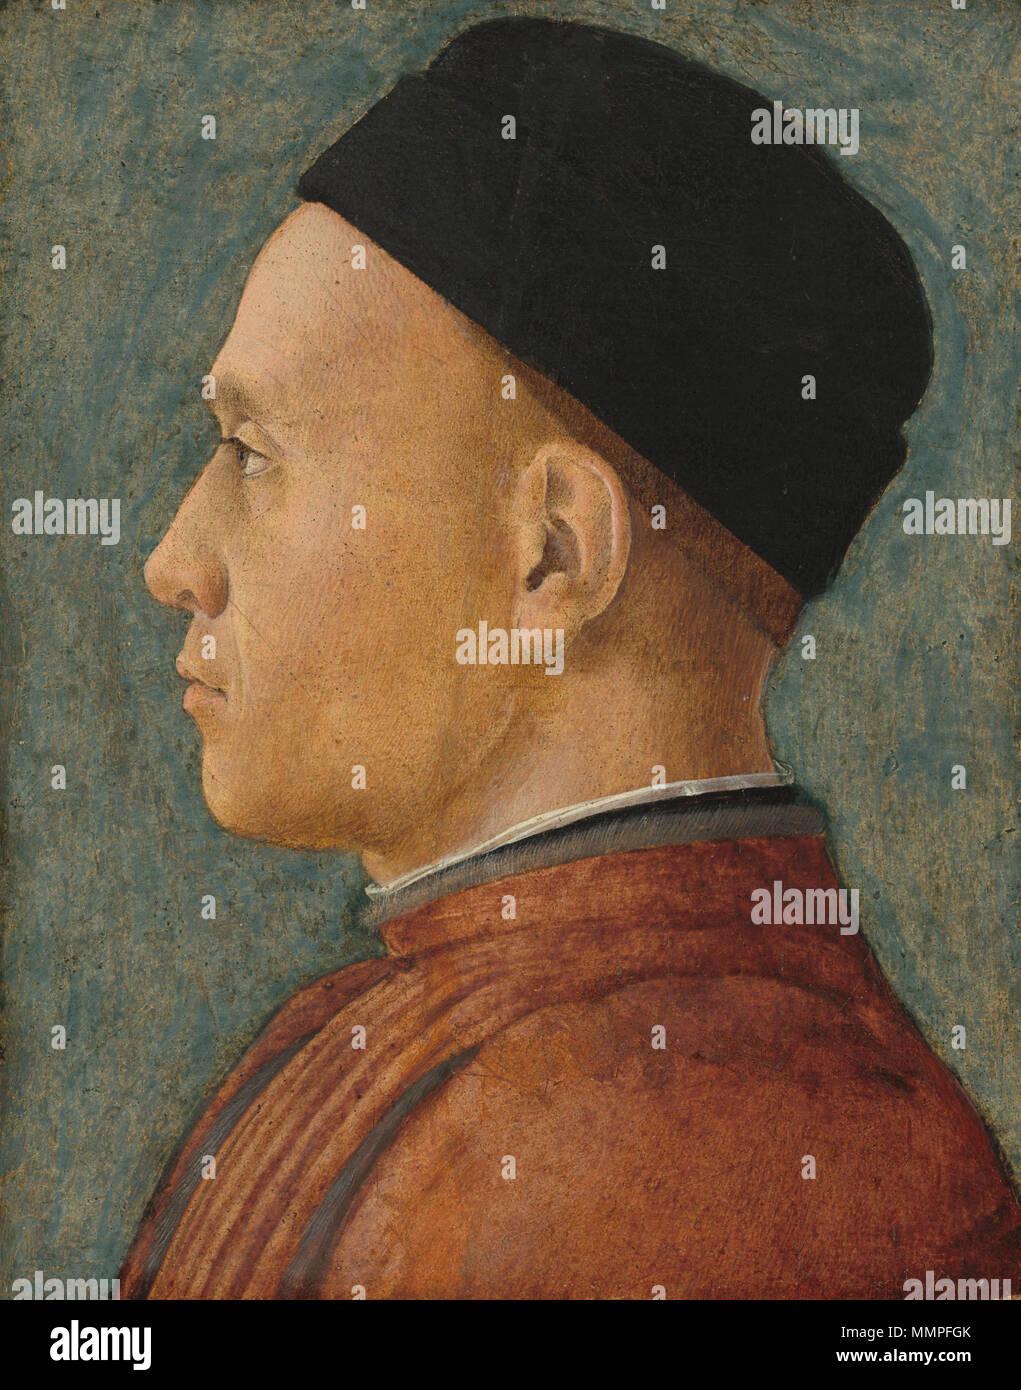 Malerei; Tempera auf Hartplatten aus Segeltuch von Panel übertragen; gesamt: 24,2 x 19,1 cm (9 1/2 x 7 1/2 in.) gerahmt: 37,6 x 32,5 x 3,2 cm (14 13/16 x 12 13/16 x 1 1/4 in.); Andrea Mantegna - Portrait d'Homme Stockbild